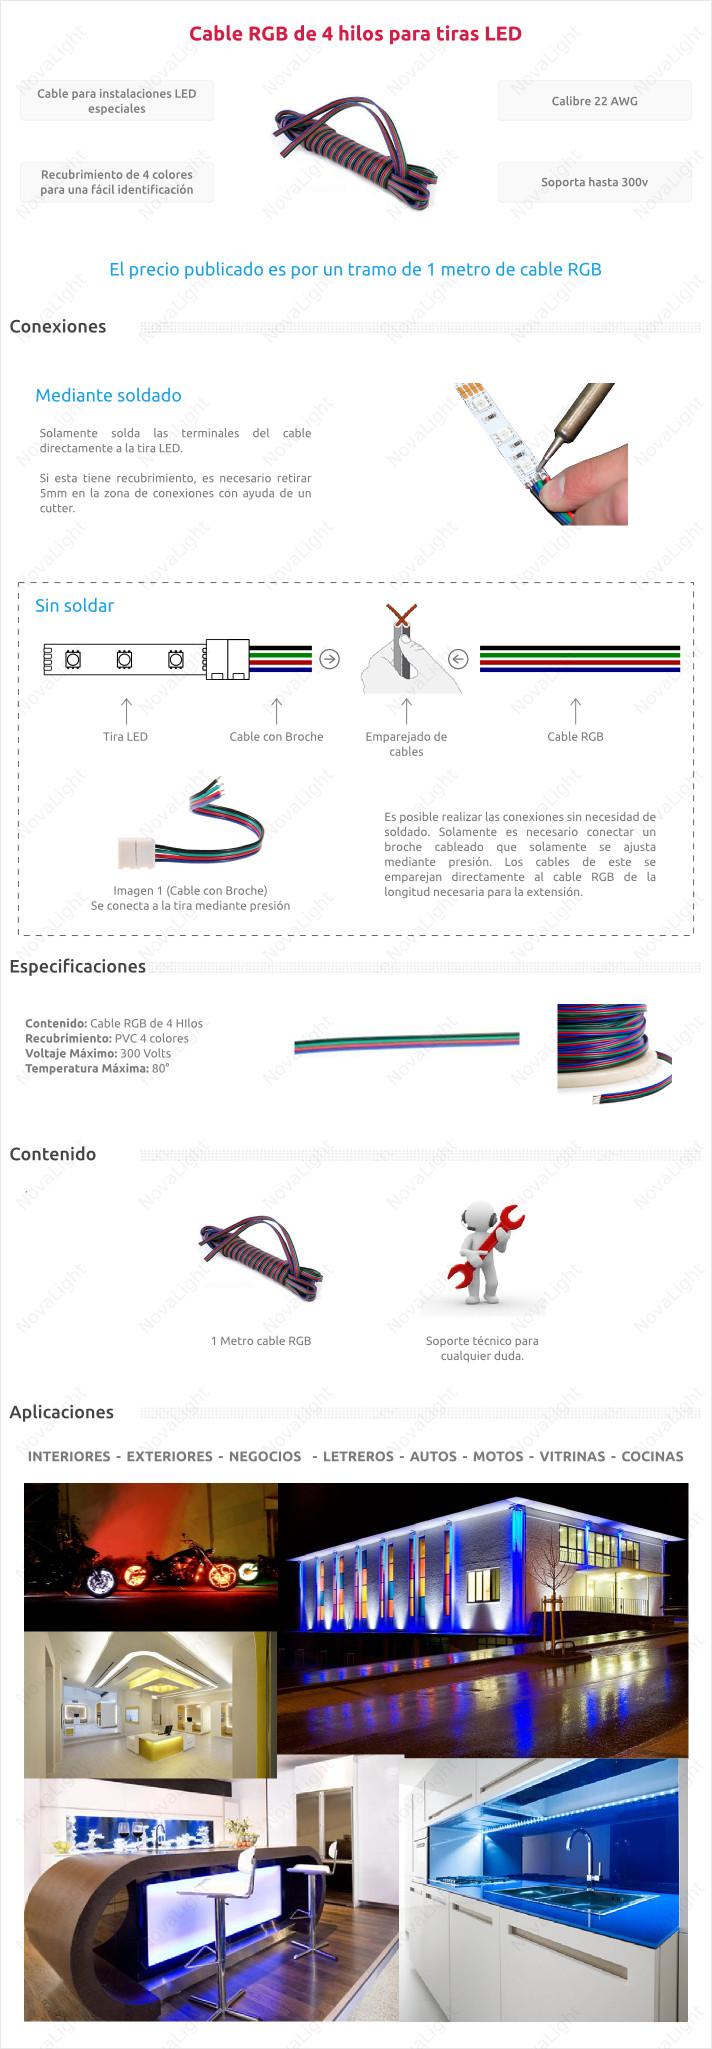 Cable RGB de 4 lineas para tiras, modulos y otros productos LED RGB Multicolor